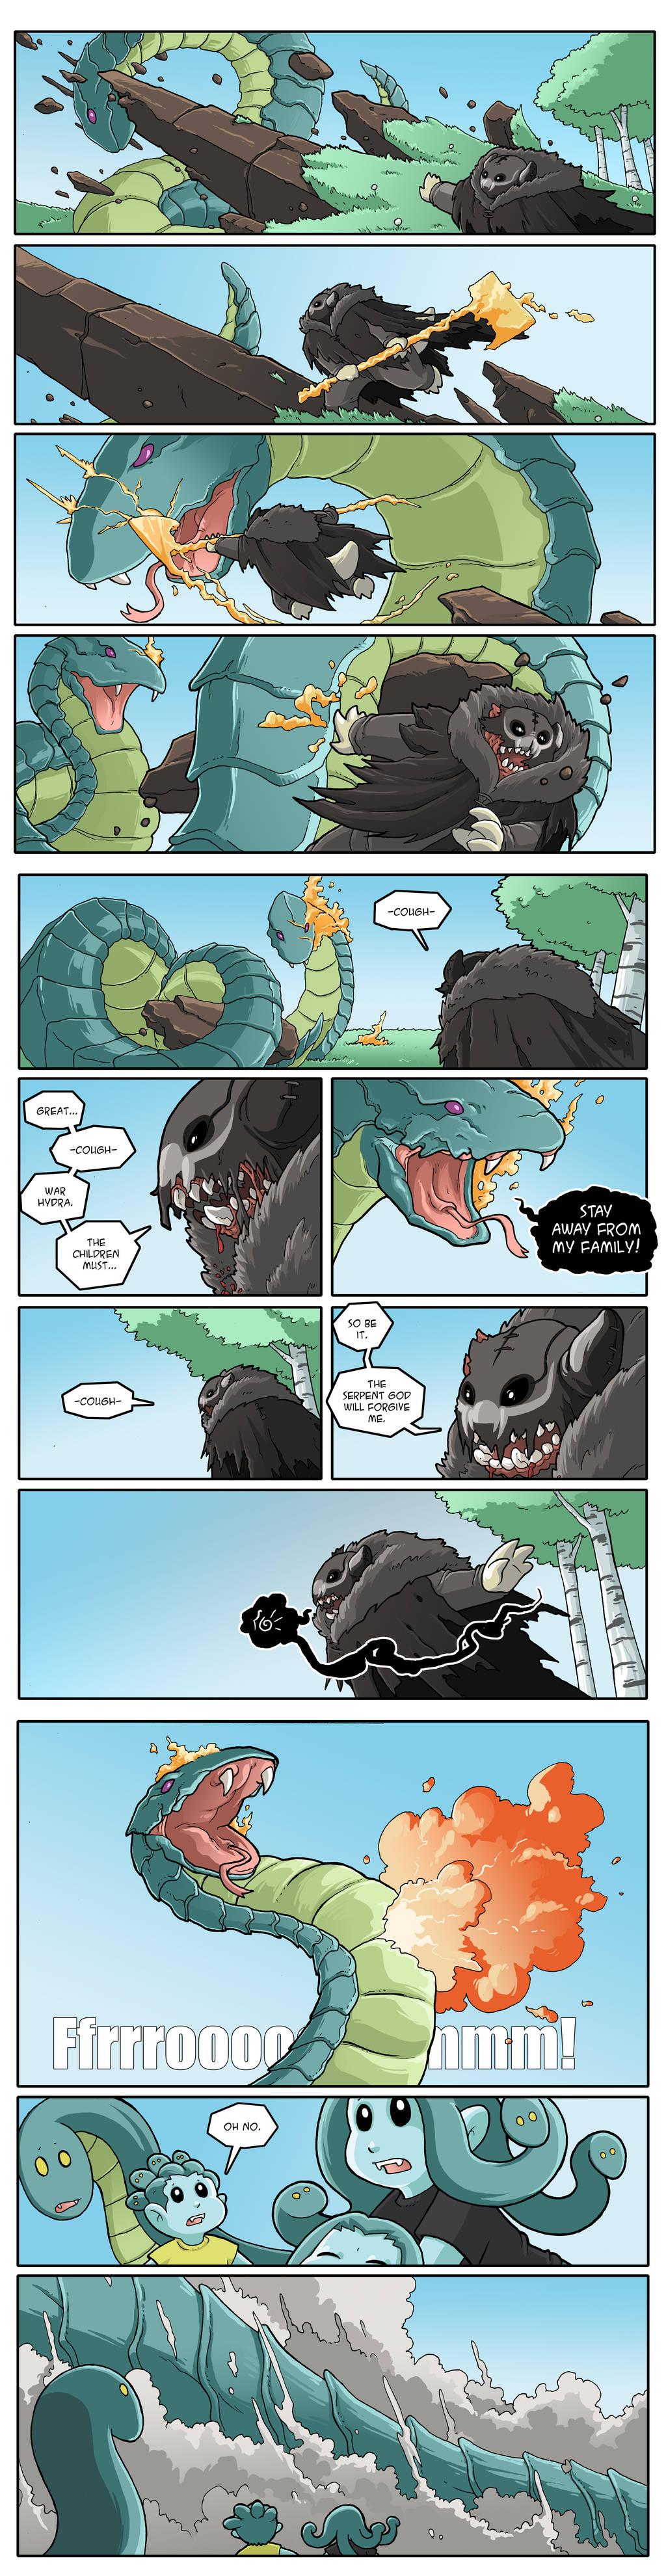 Modest Medusa 878 by JakeRichmond